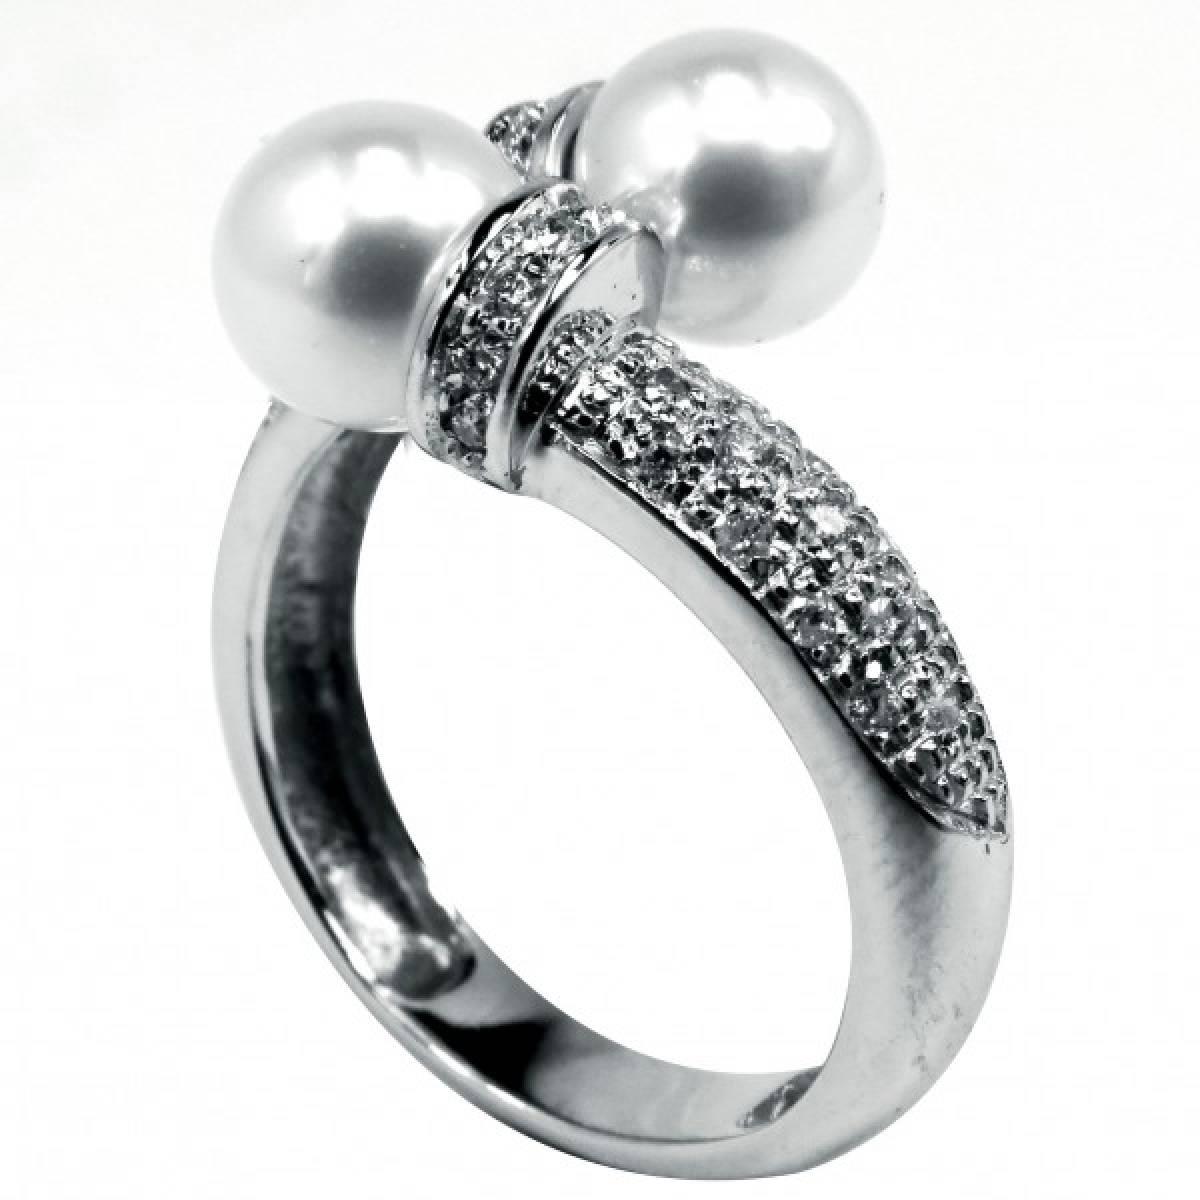 Anel de Noivado com diamantes ou zircónias 2 pérolas em ouro de 19,2 k